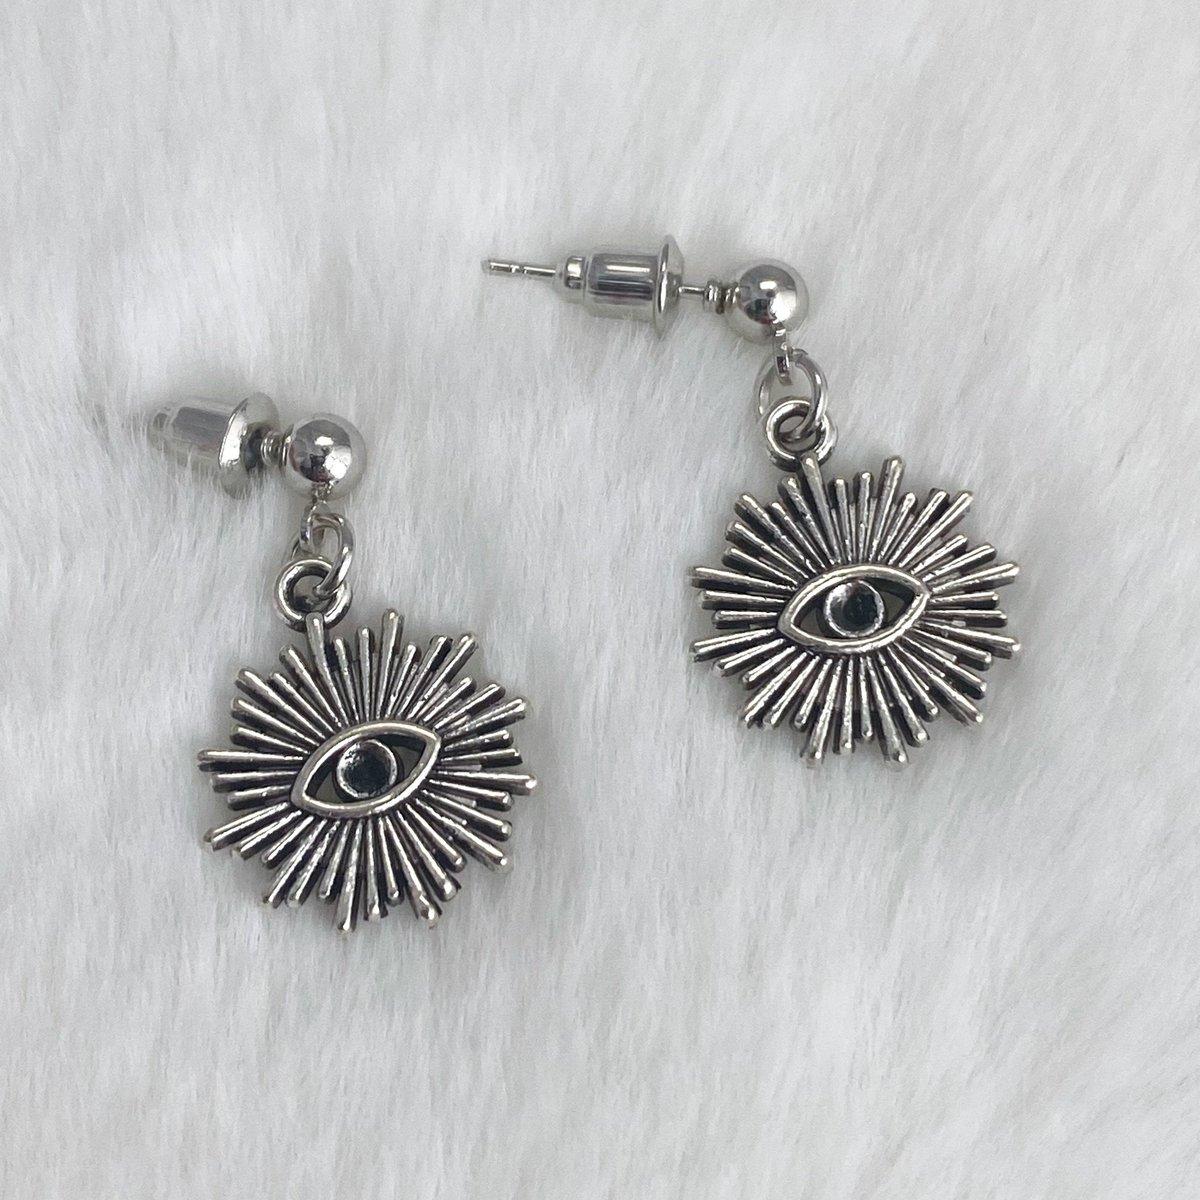 Eye Earrings, Stud Dangle Earrings, Antique Silver Earrings, Goth Earrings, Alternative Earrings, Alternative Jewelry, S389  #Earrings #EtsyJewelry #Jewelry #SmallBusiness #GiftforHer #FreeShipping #EtsyShop #Handmade #GothJewelry